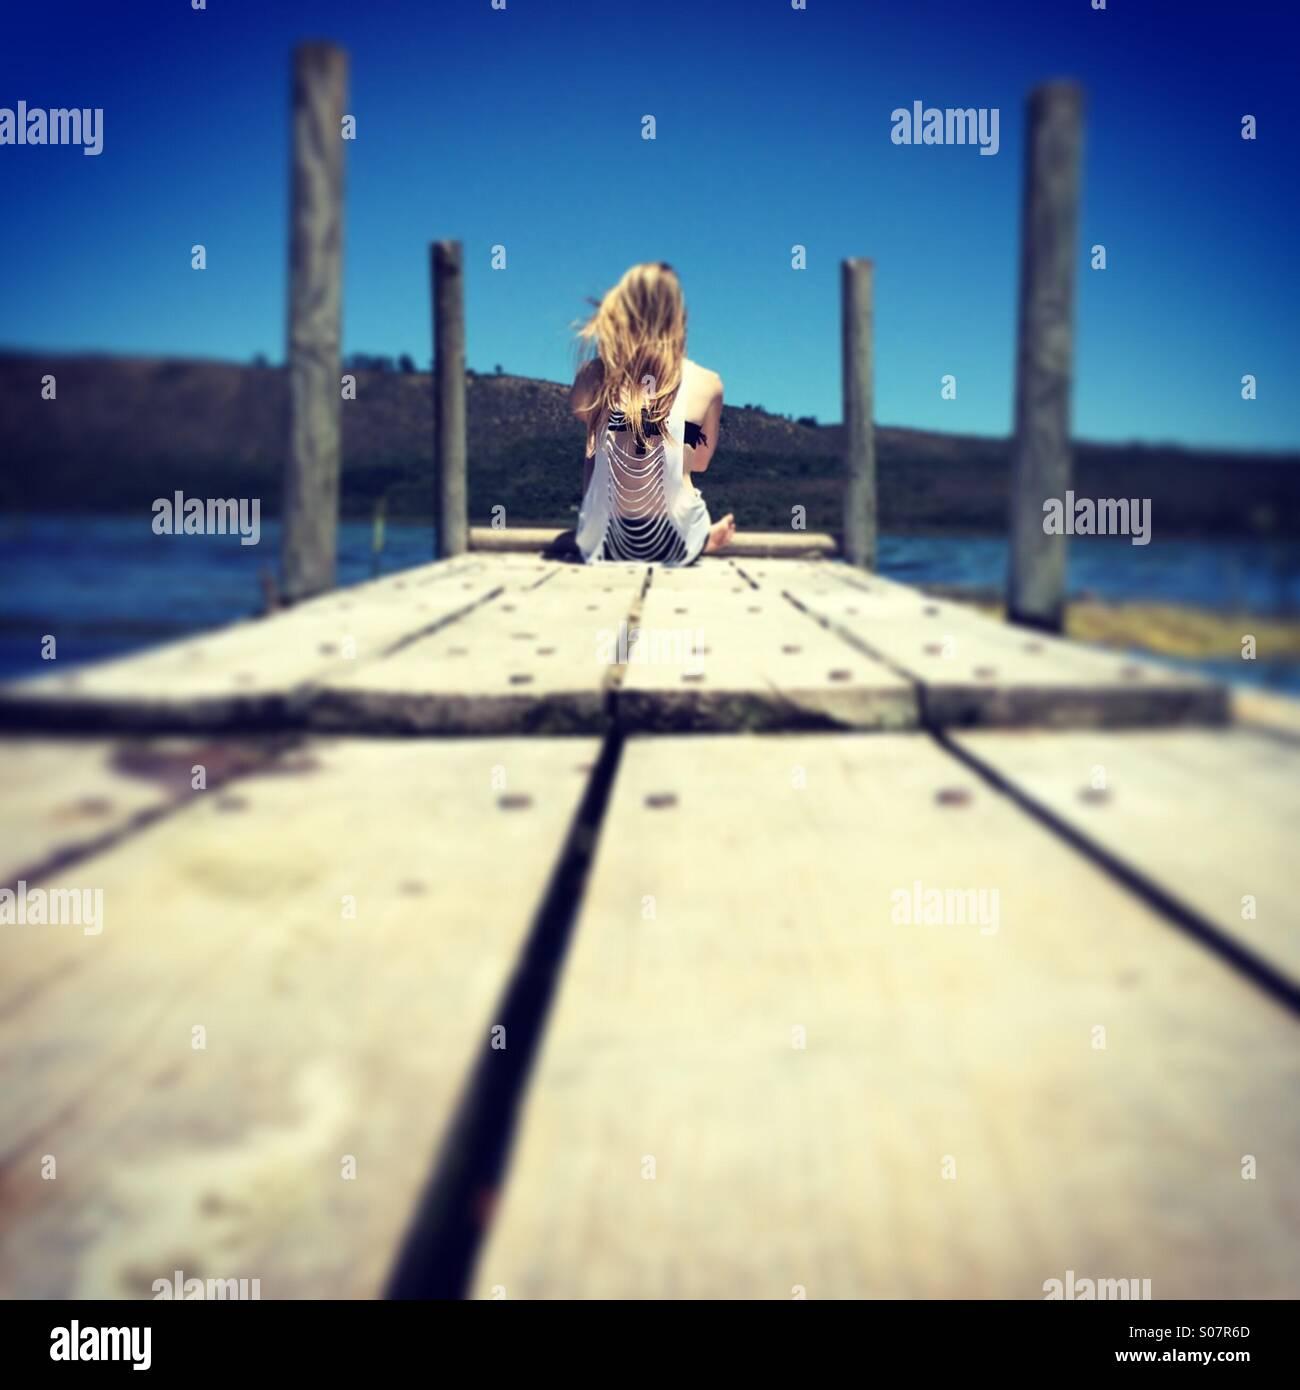 Joven sentado en un embarcadero Imagen De Stock